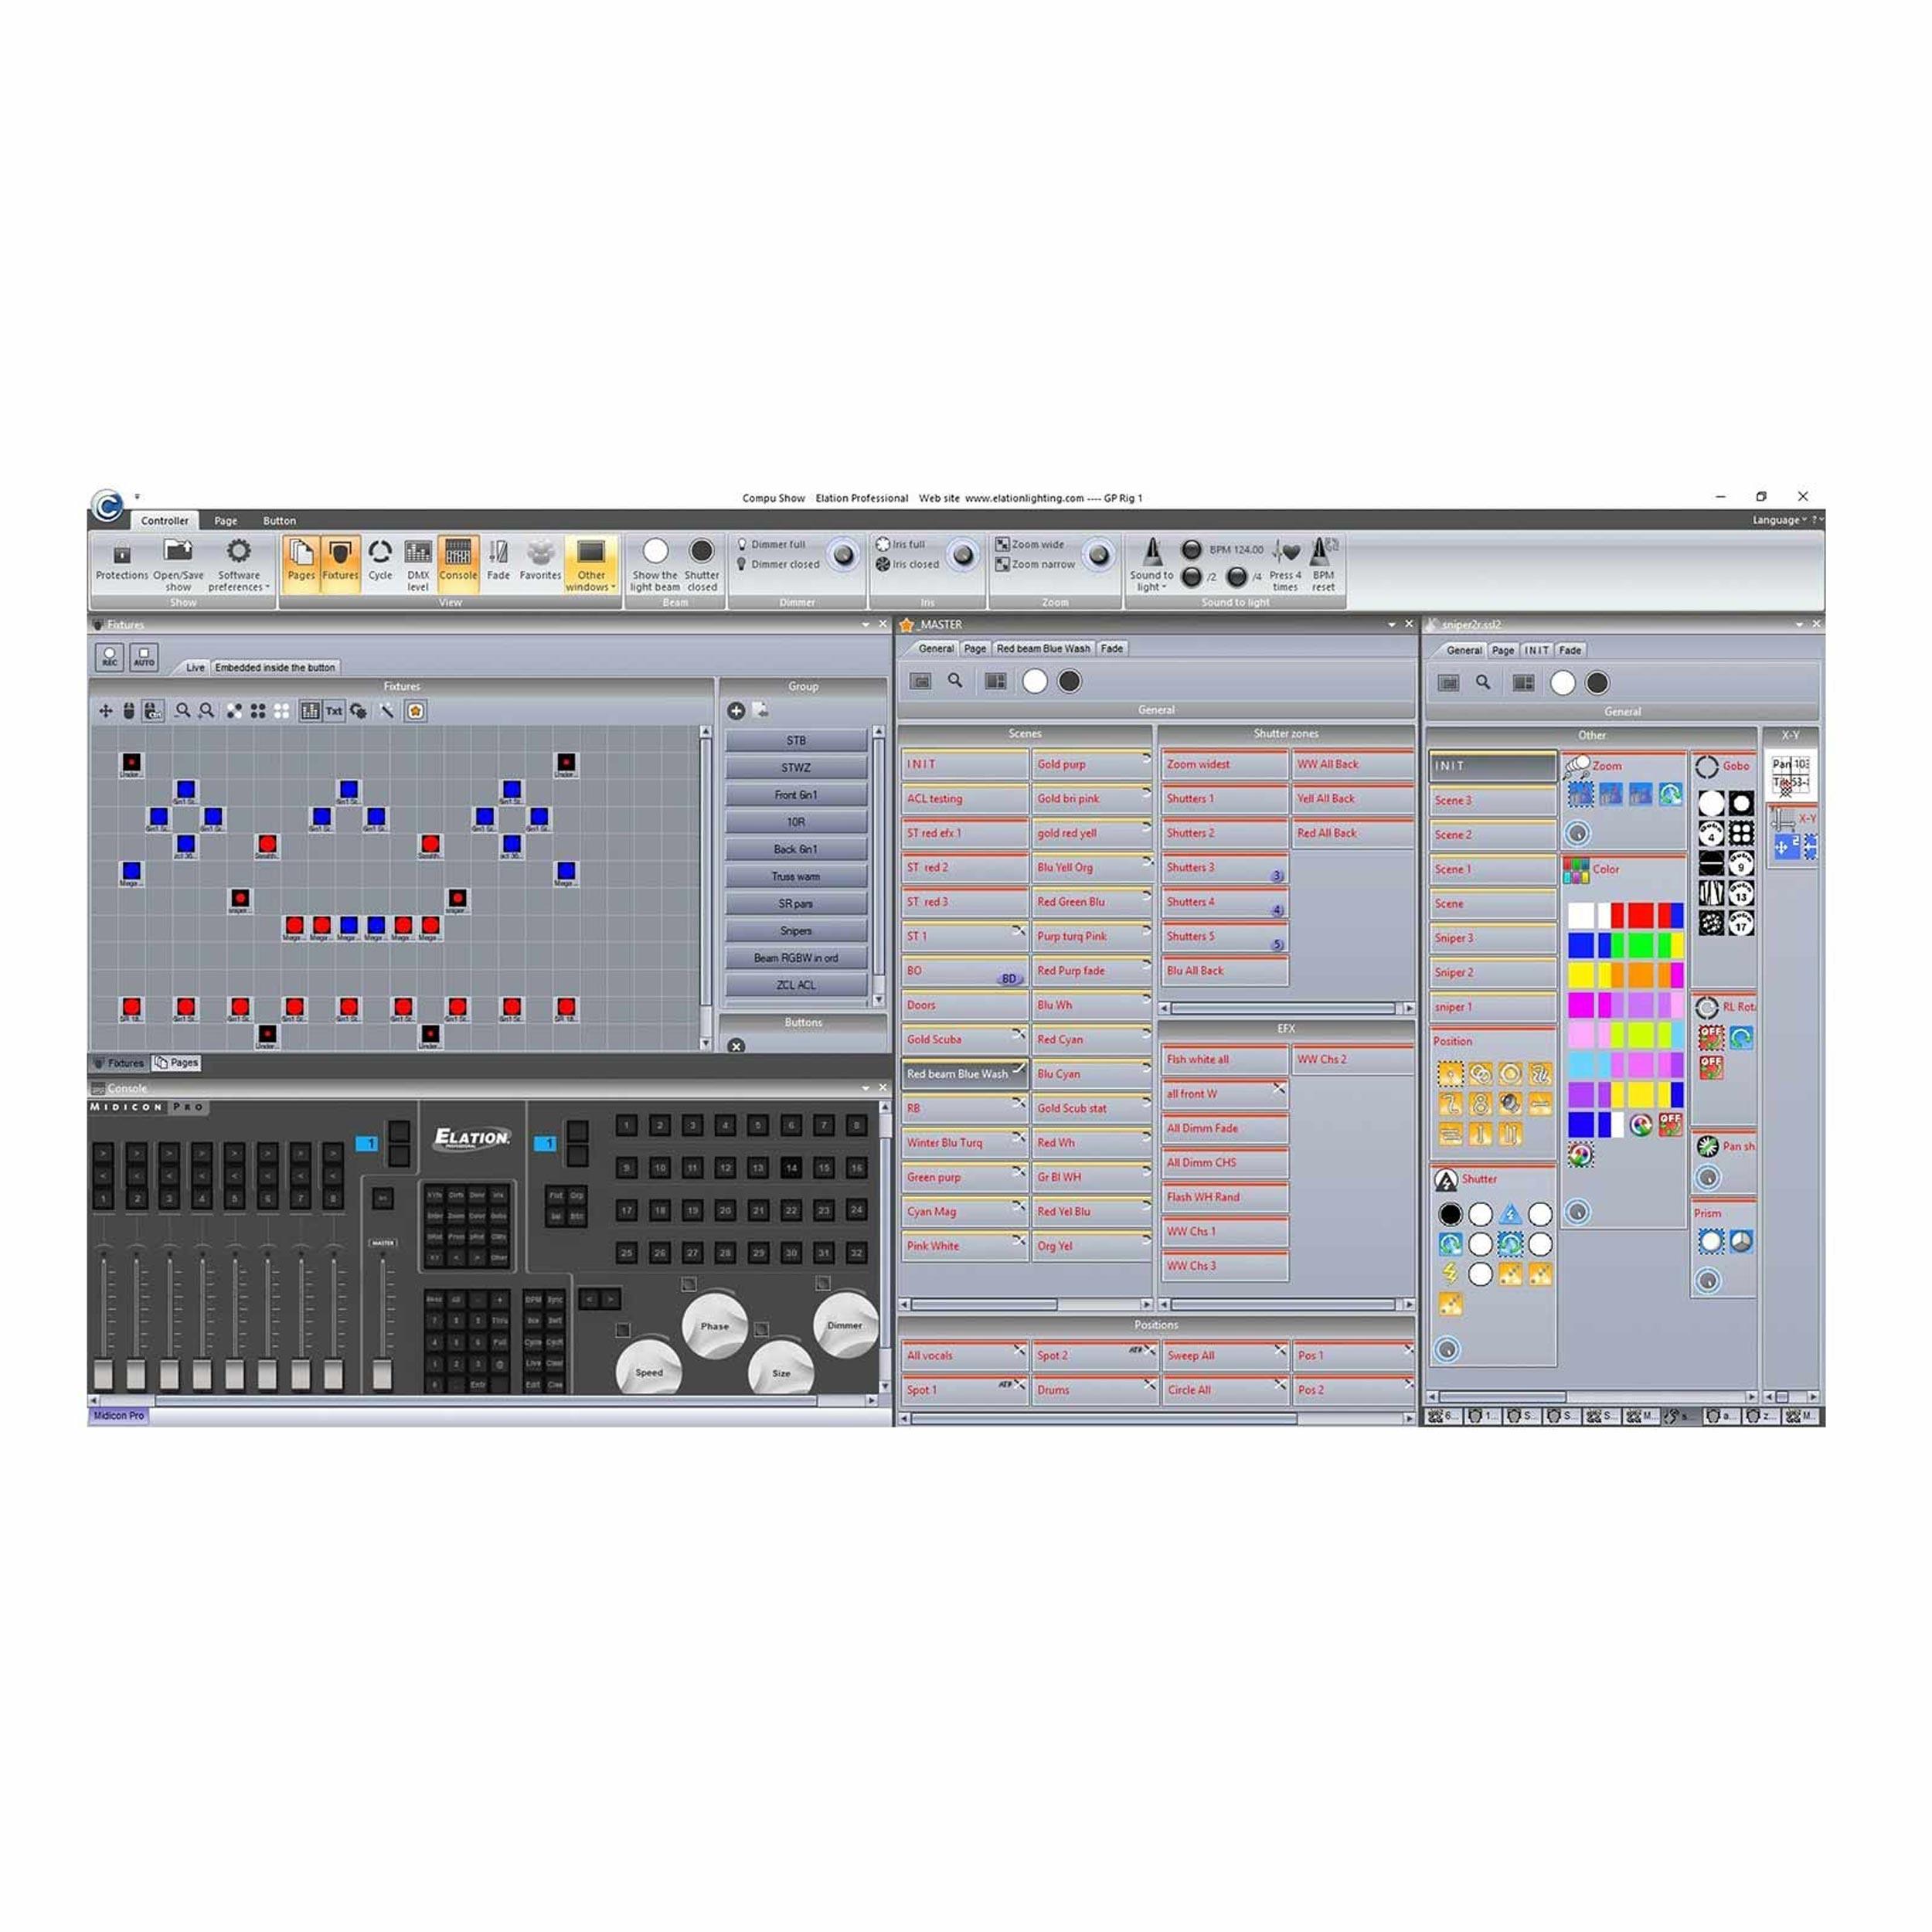 AMERICAN DJ ADJ COMPU CUE PC 2 Universe DMX Control Interface